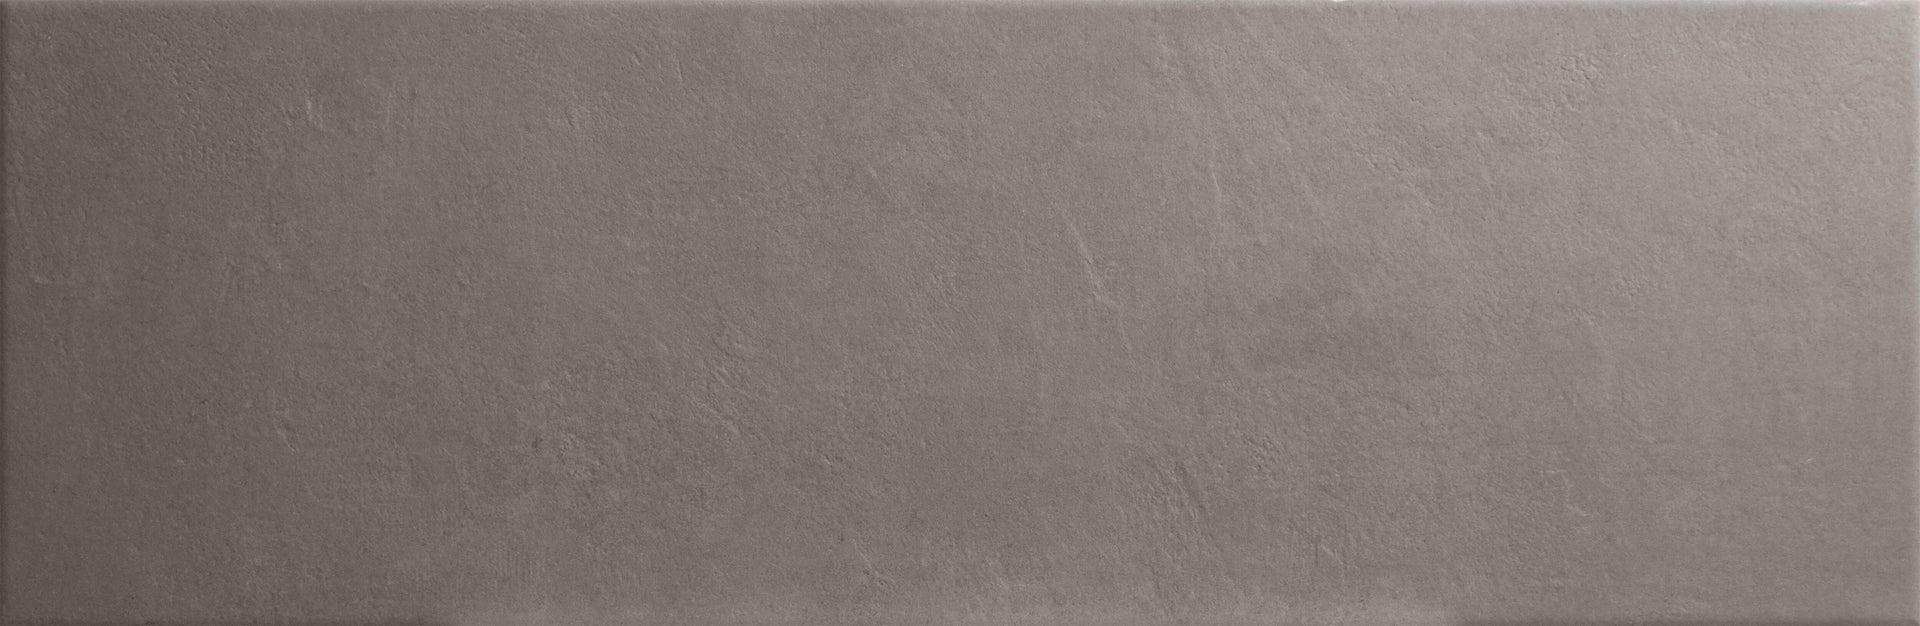 Piastrella per rivestimenti Atelier 25 x 76 cm sp. 10 mm antracite - 5